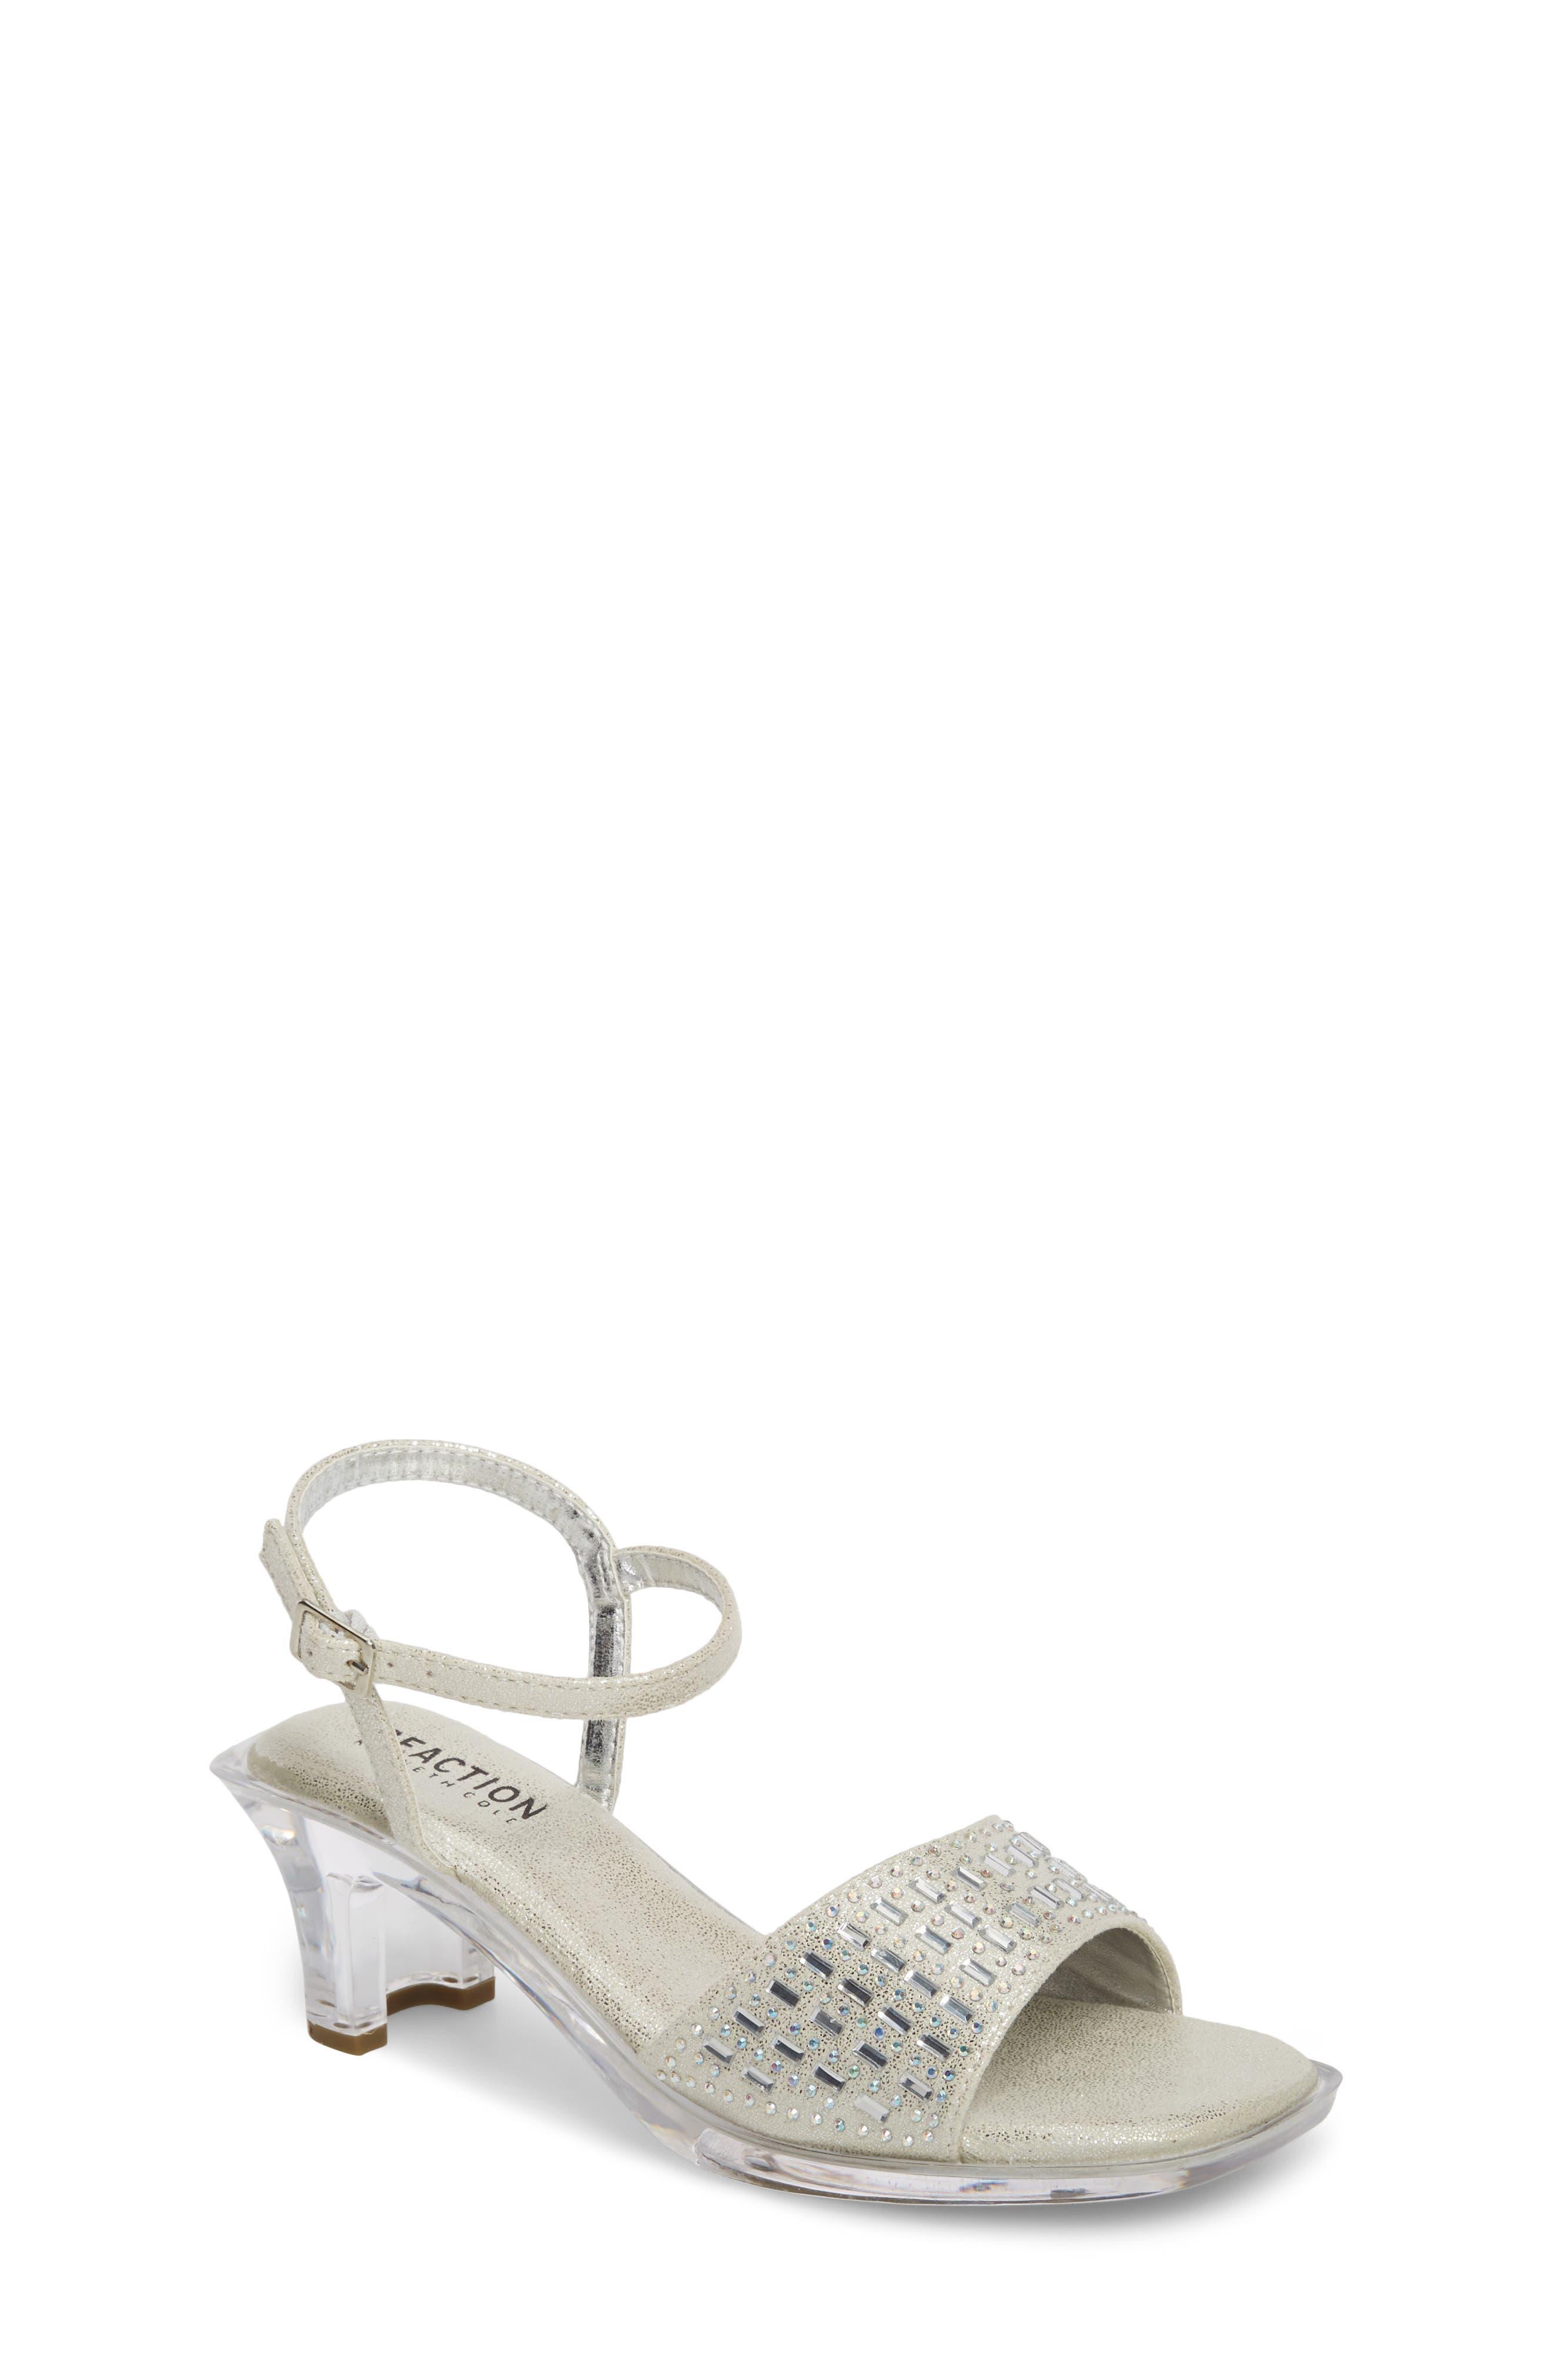 Cind-R-Ella Embellished Sandal,                         Main,                         color, Silver